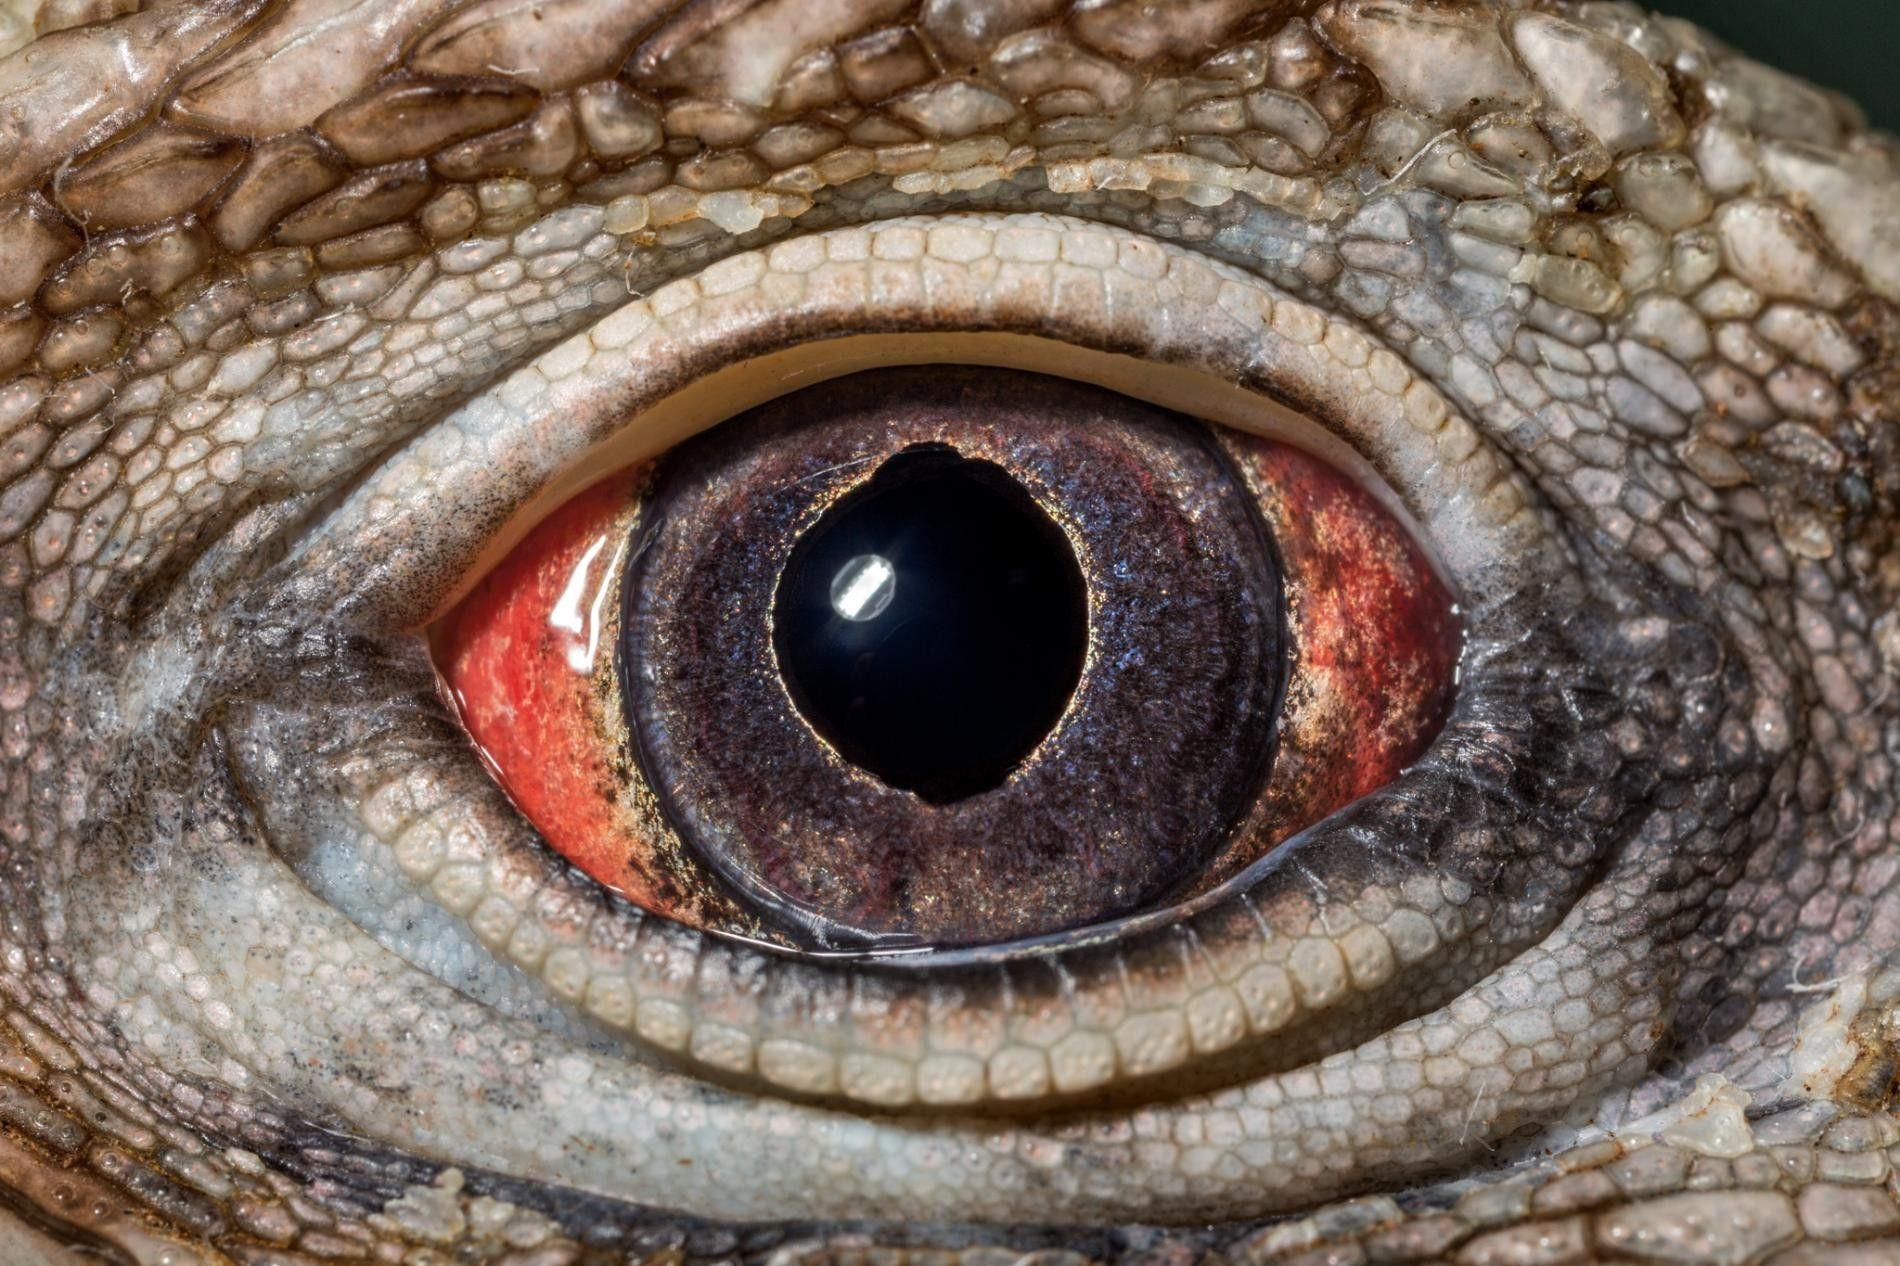 Comment la nature a inventé l'œil